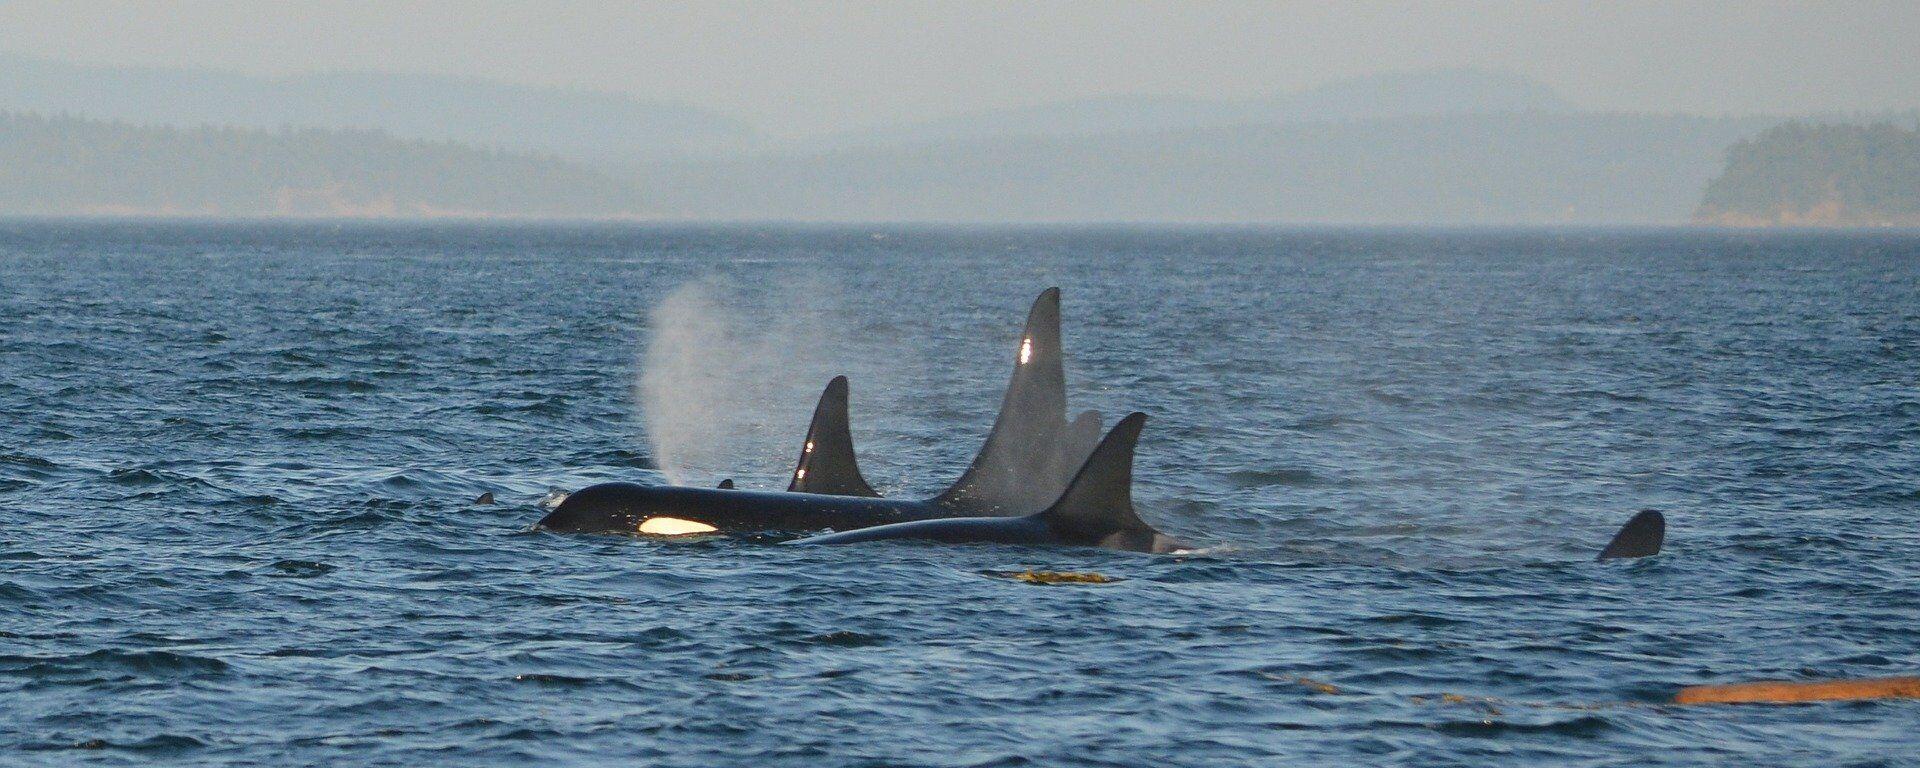 Un grupo de orcas (archivo) - Sputnik Mundo, 1920, 17.06.2021